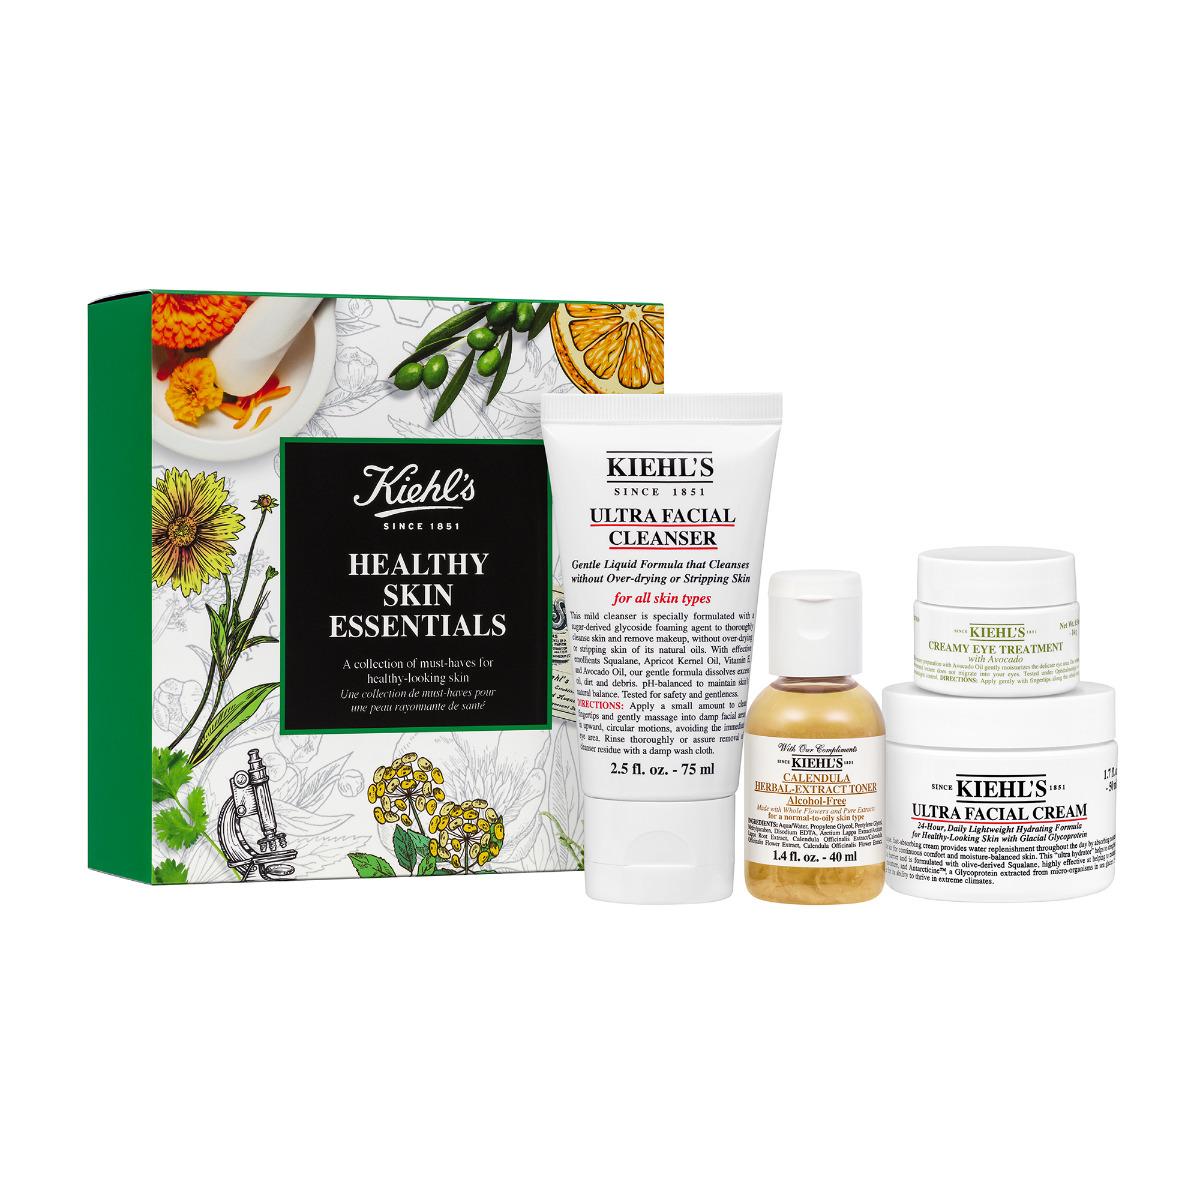 Kit de productos esenciales para el rostro